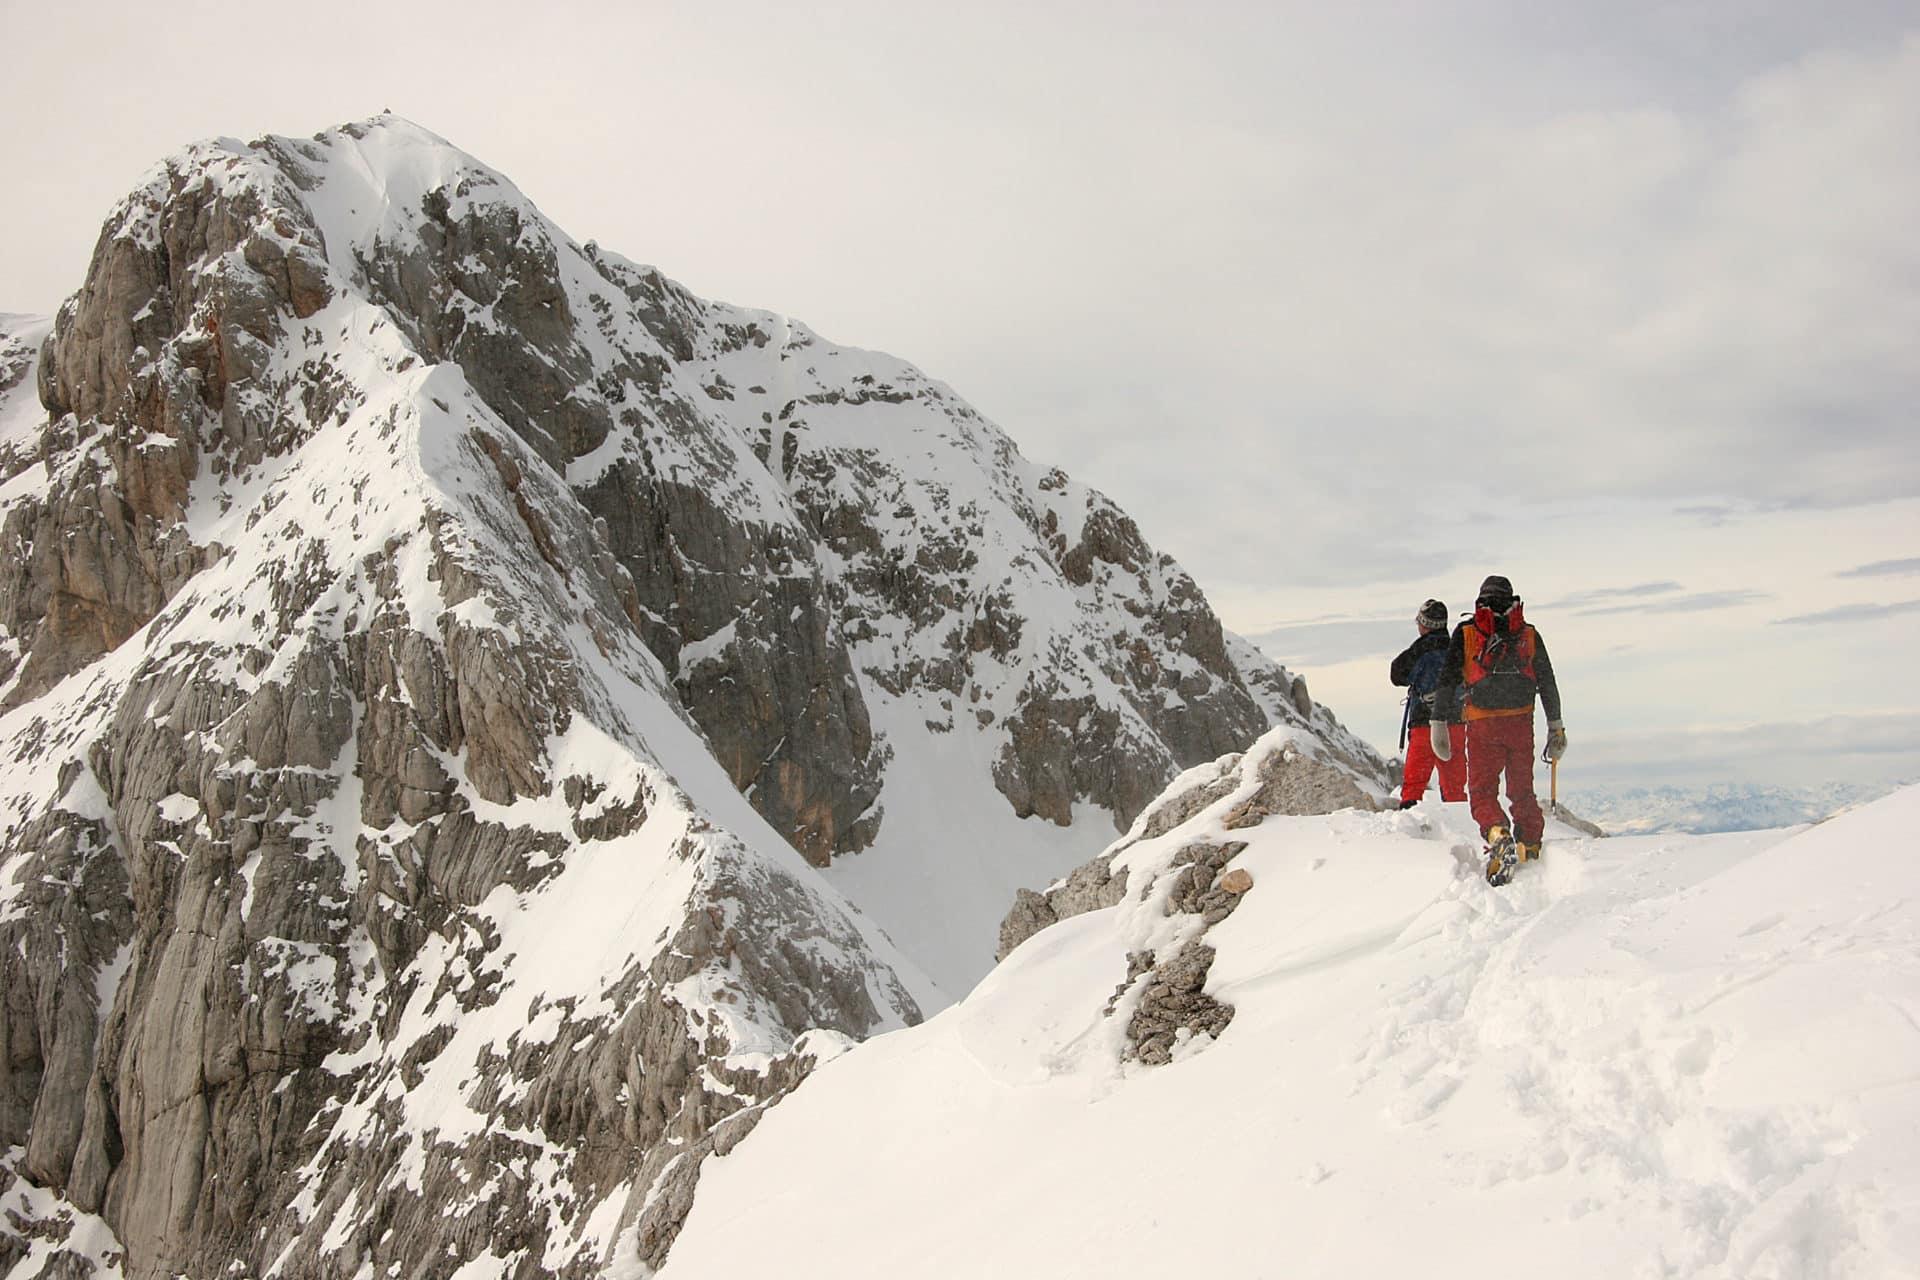 4-day Triglav ski touring traverse with Triglav climb